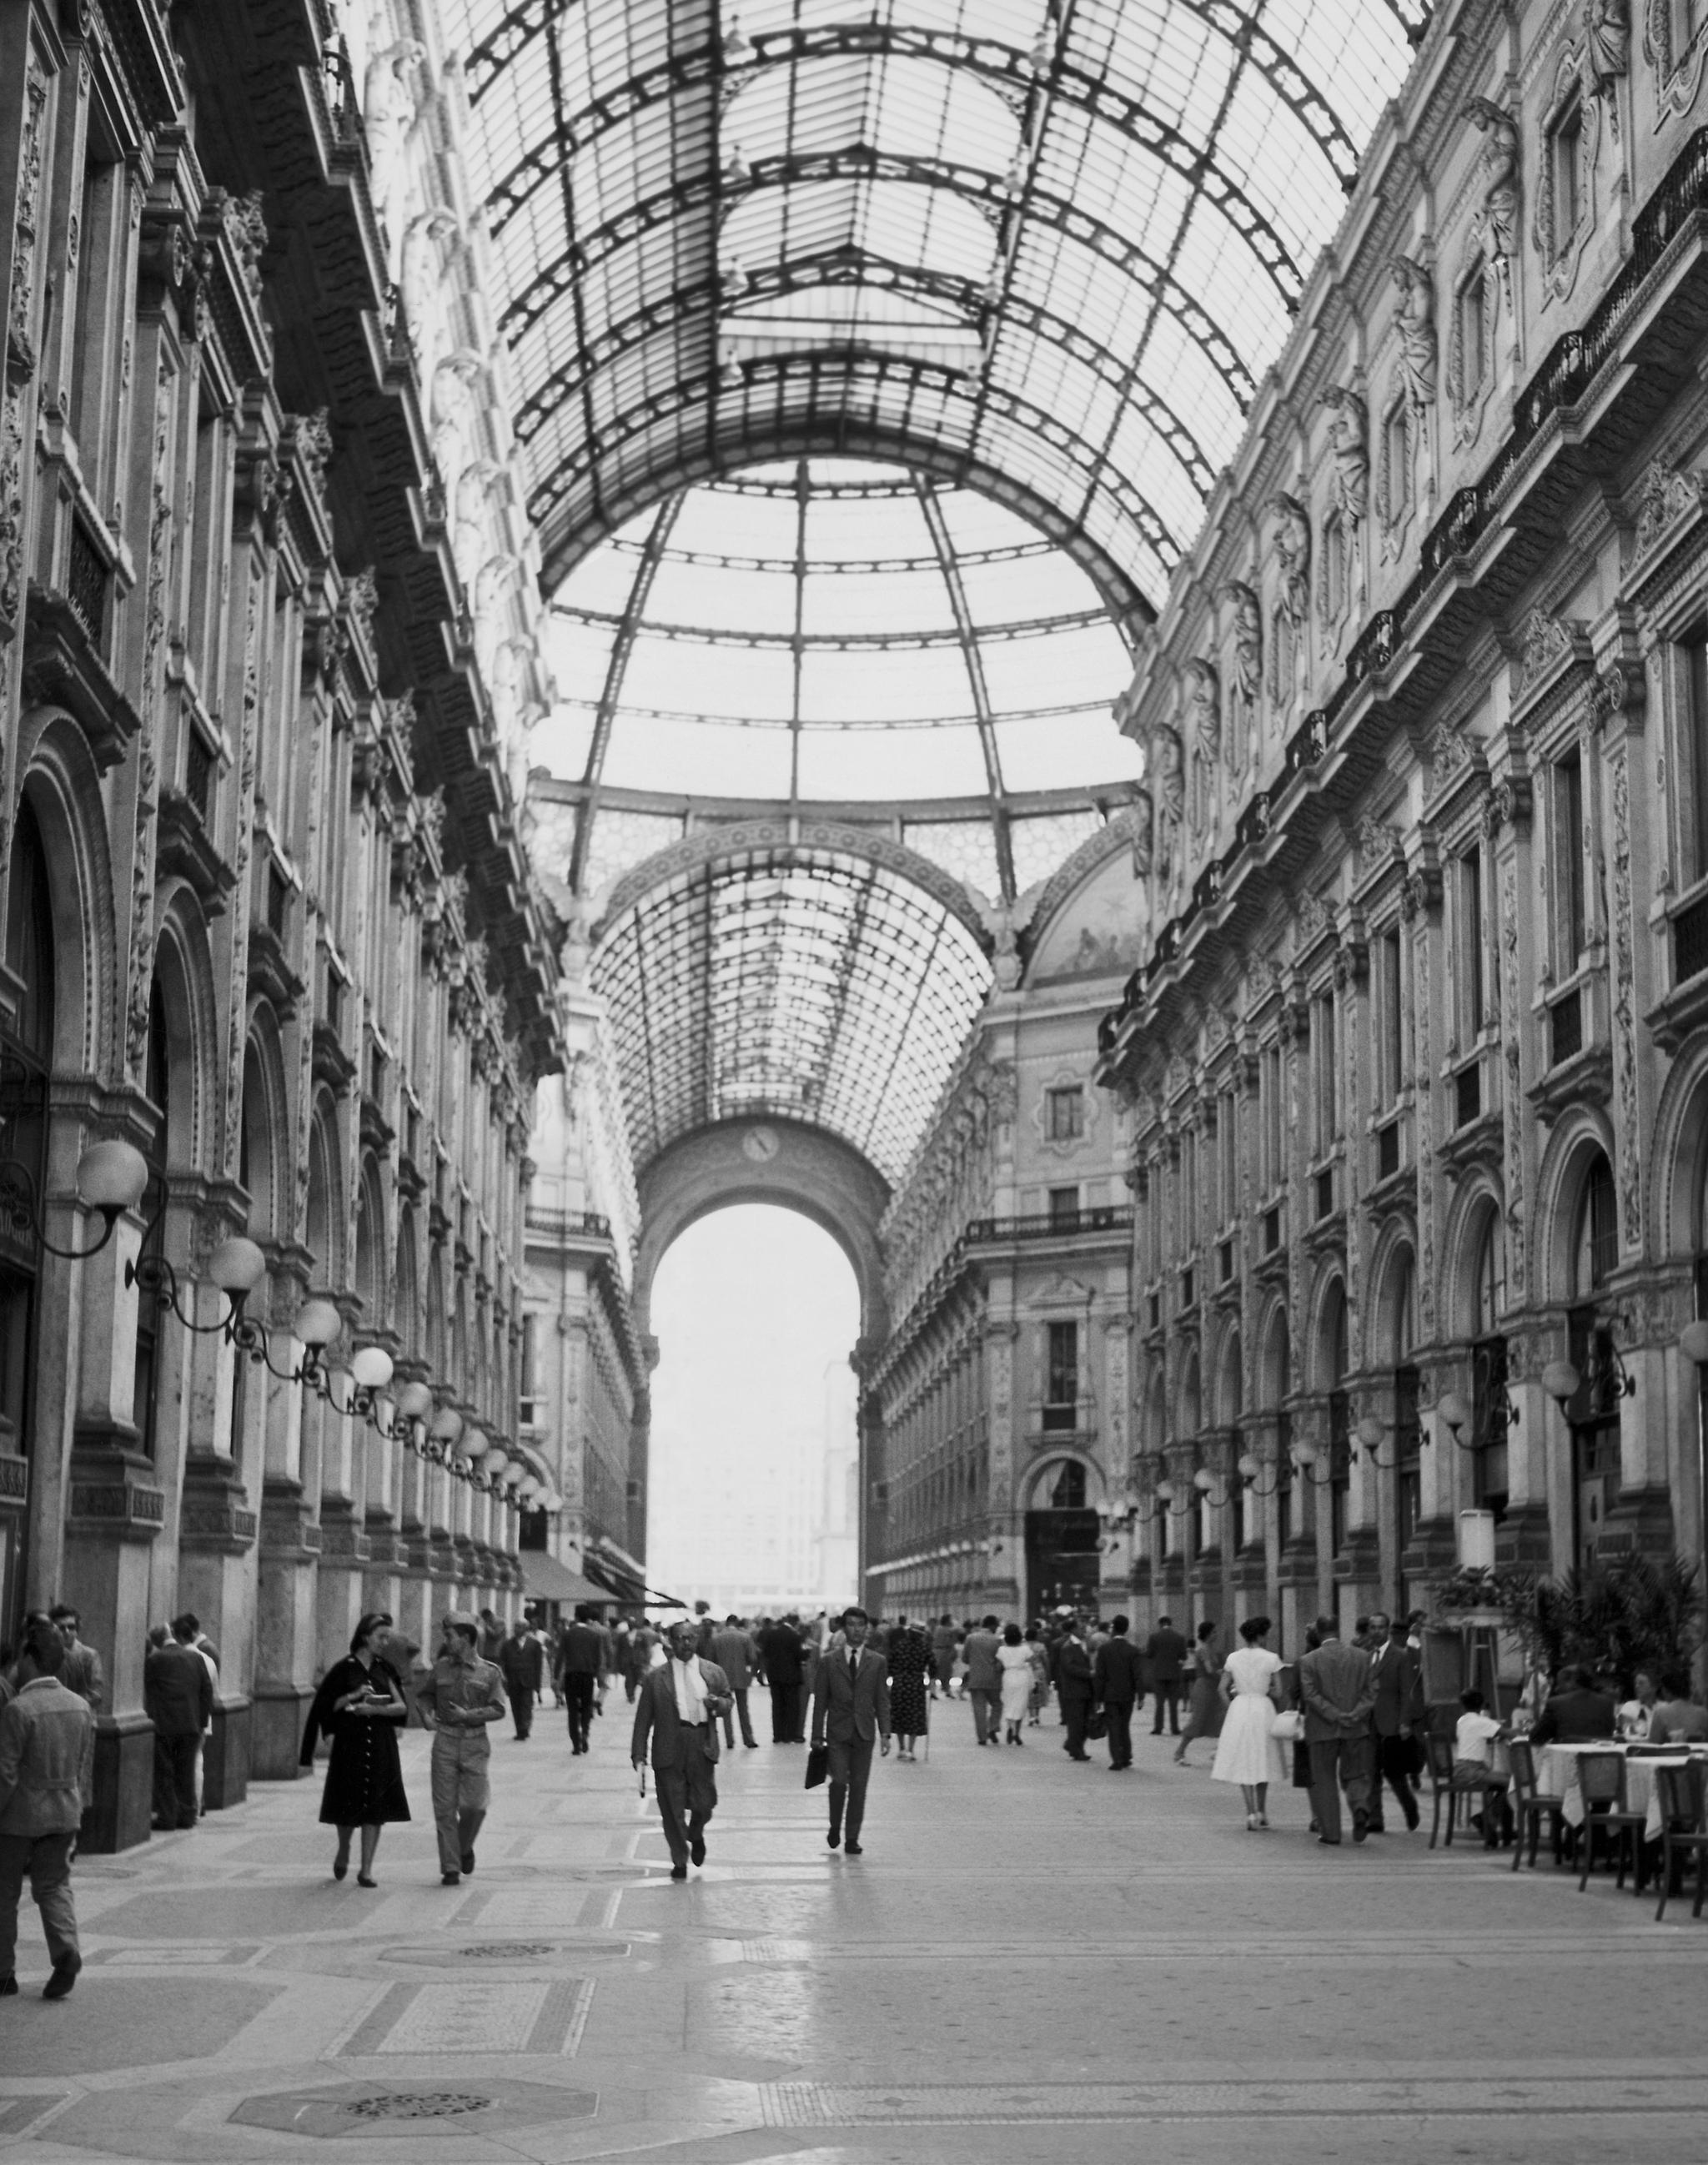 Galleria Vittorio Emanuele, Milan.